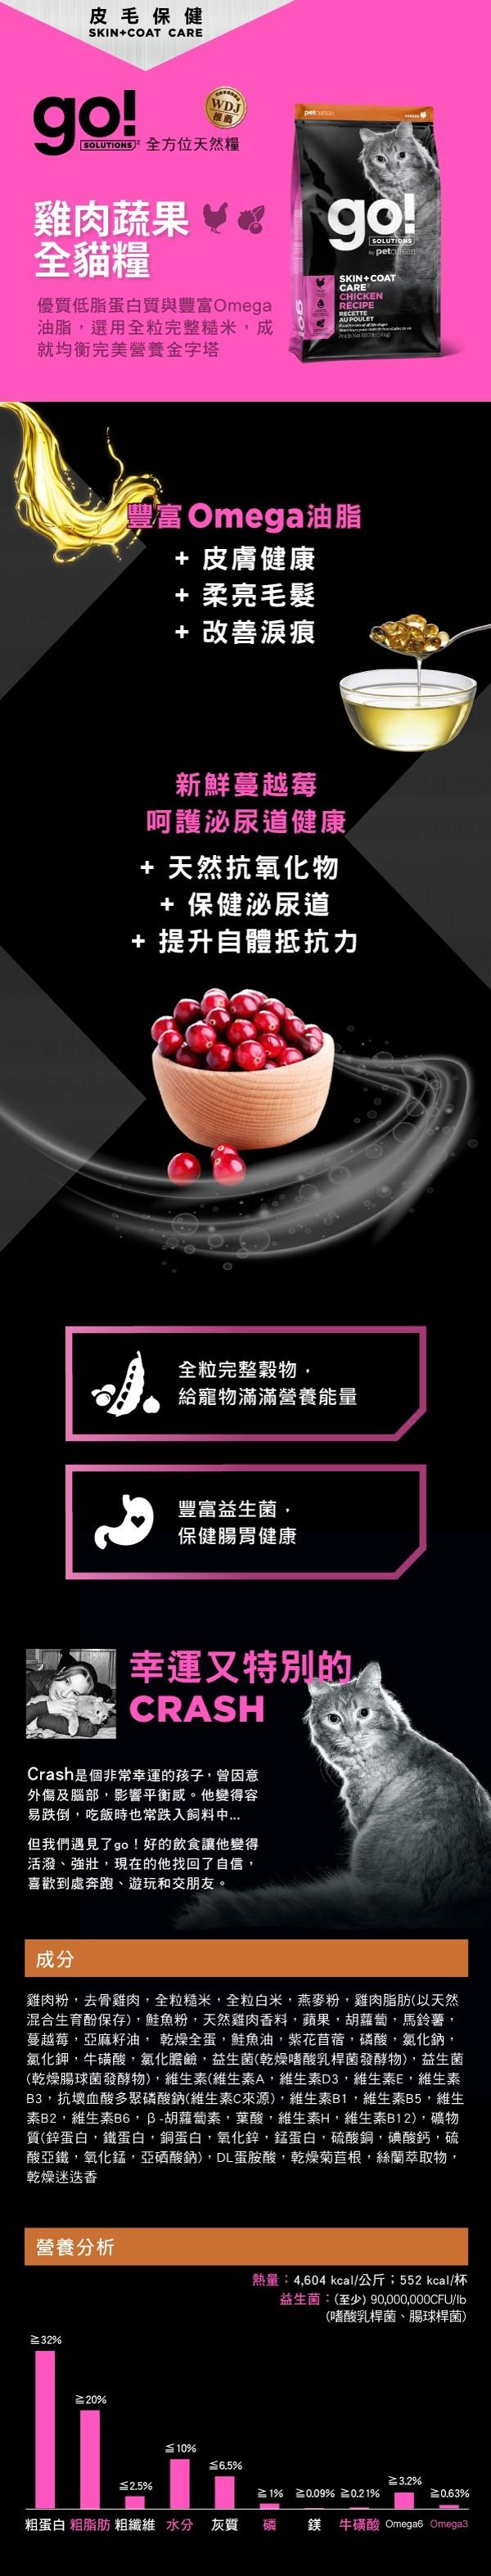 815260002998GO(貓)雞肉蔬果全貓糧8lb圖片來源:東購